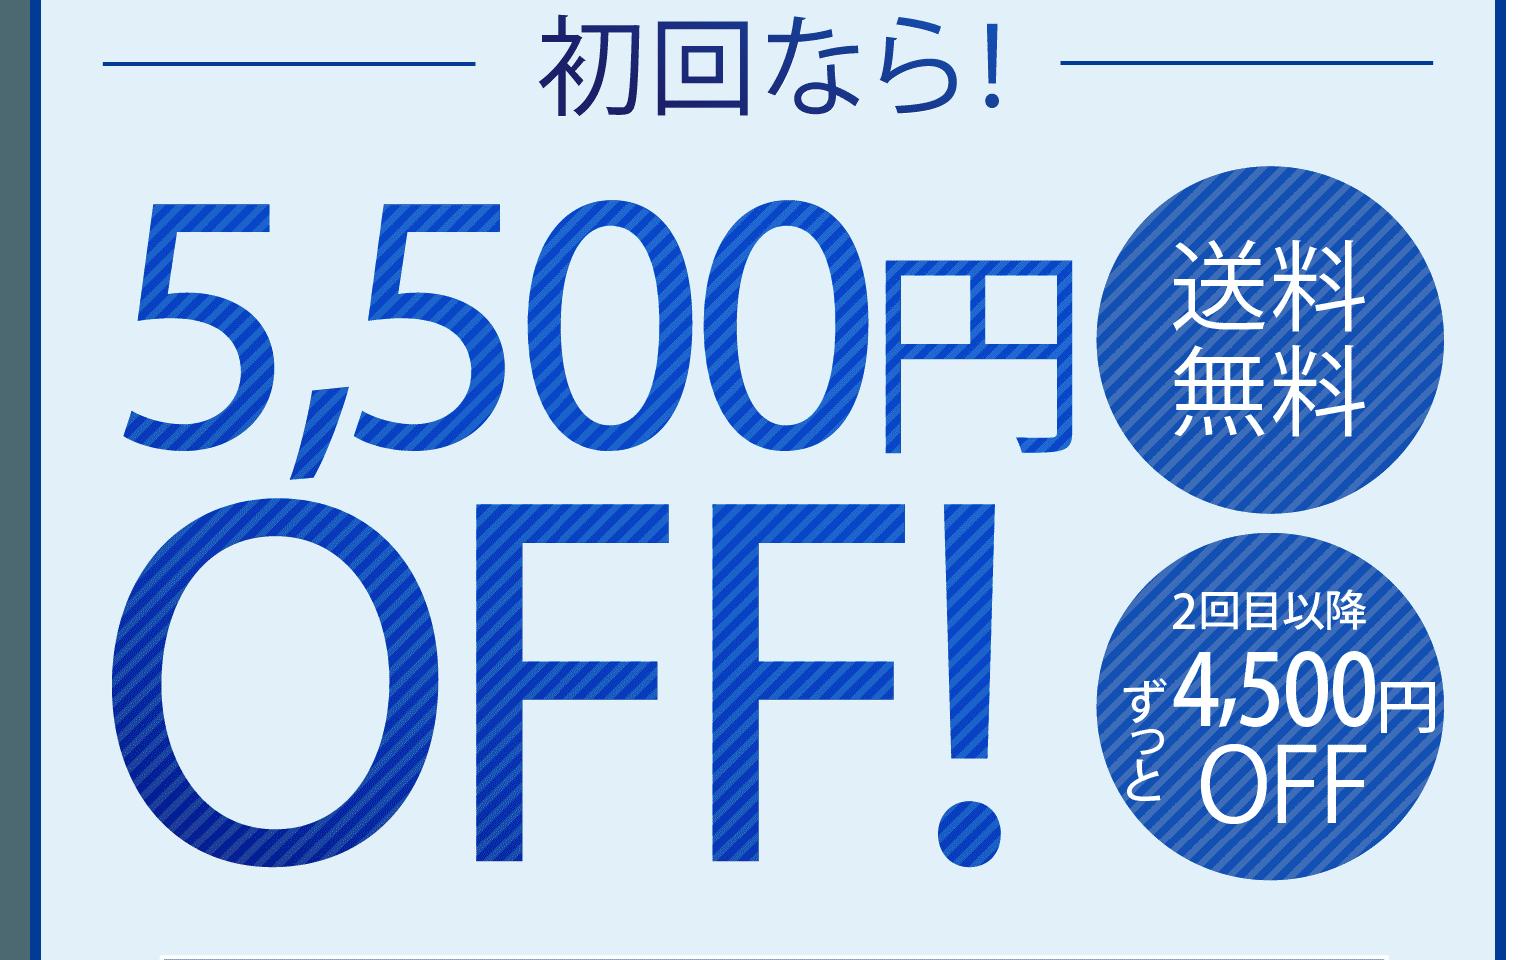 初回なら!2,500円OFF!送料無料 2回目以降ずっと1,000円OFF